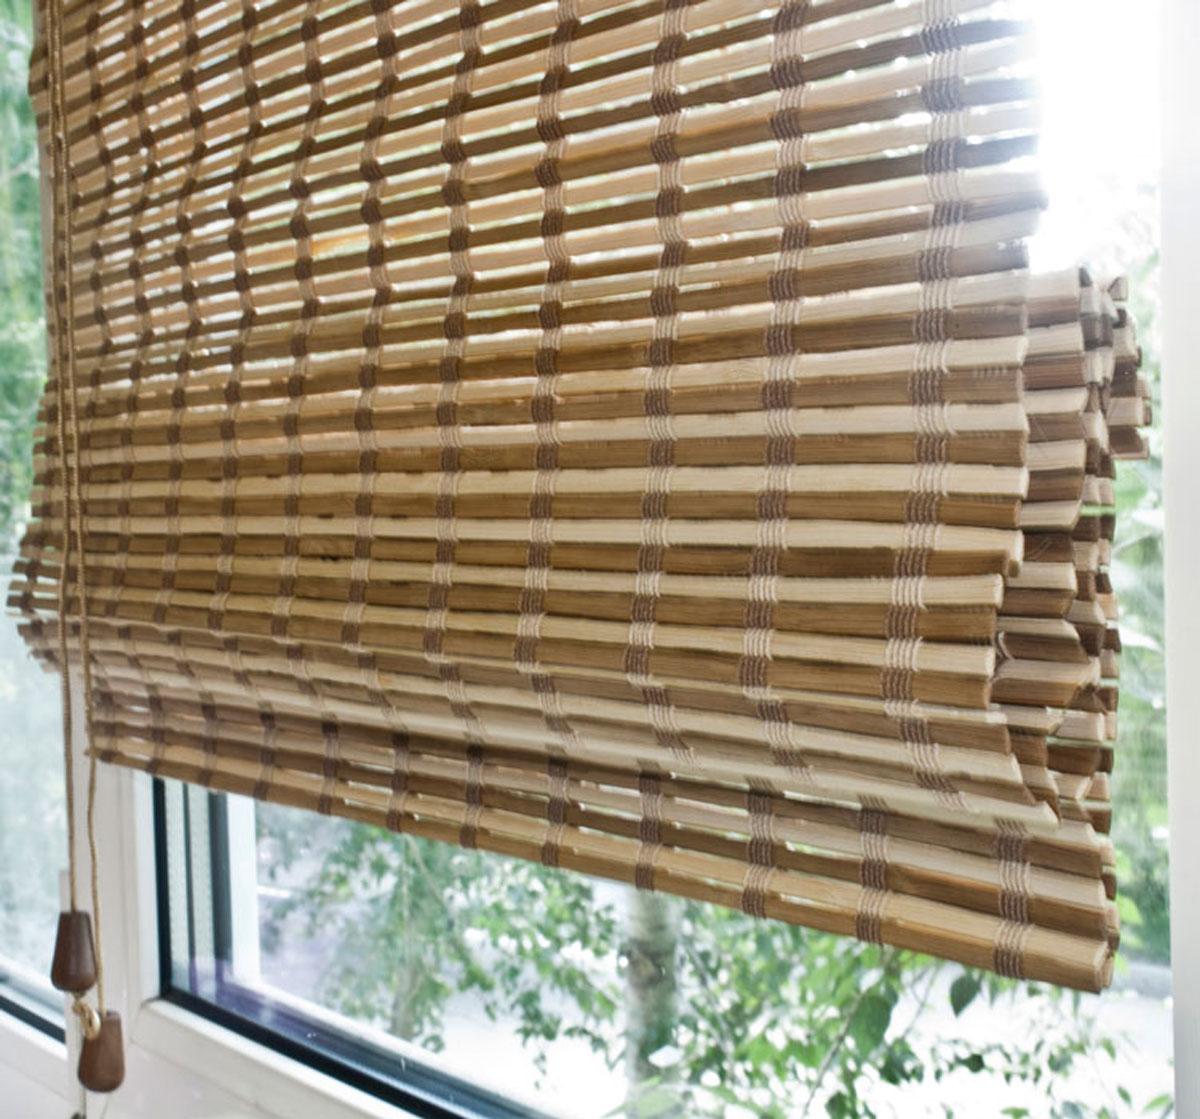 Римская штора Эскар, бамбуковая, цвет: коричневый, бежевый, ширина 90 см, высота 160 см72959090160Римская штора Эскар, выполненная из натурального бамбука, является оригинальным современным аксессуаром для создания необычного интерьера в восточном или минималистичном стиле. Римская бамбуковая штора, как и тканевая римская штора, при поднятии образует крупные складки, которые прекрасно декорируют окно. Особенность устройства полотна позволяет свободно пропускать дневной свет, что обеспечивает мягкое освещение комнаты. Римская штора из натурального влагоустойчивого материала легко вписывается в любой интерьер, хорошо сочетается с различной мебелью и элементами отделки. Использование бамбукового полотна придает помещению необычный вид и визуально расширяет пространство. Бамбуковые шторы требуют только сухого ухода: пылесосом, щеткой, веником или влажной (но не мокрой!) губкой. Комплект для монтажа прилагается.